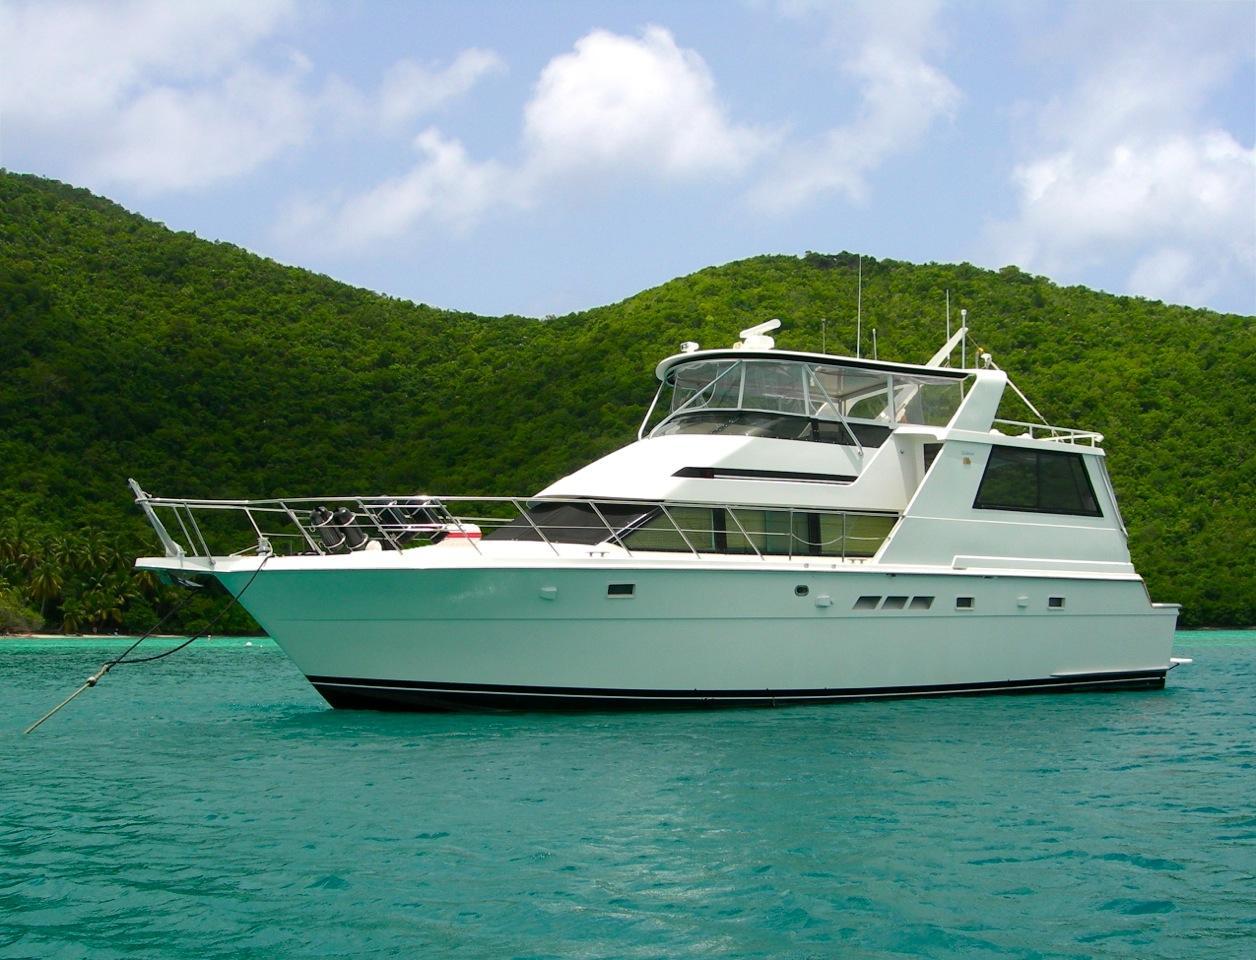 1997 hatteras motor yacht fly bridge power boat for sale